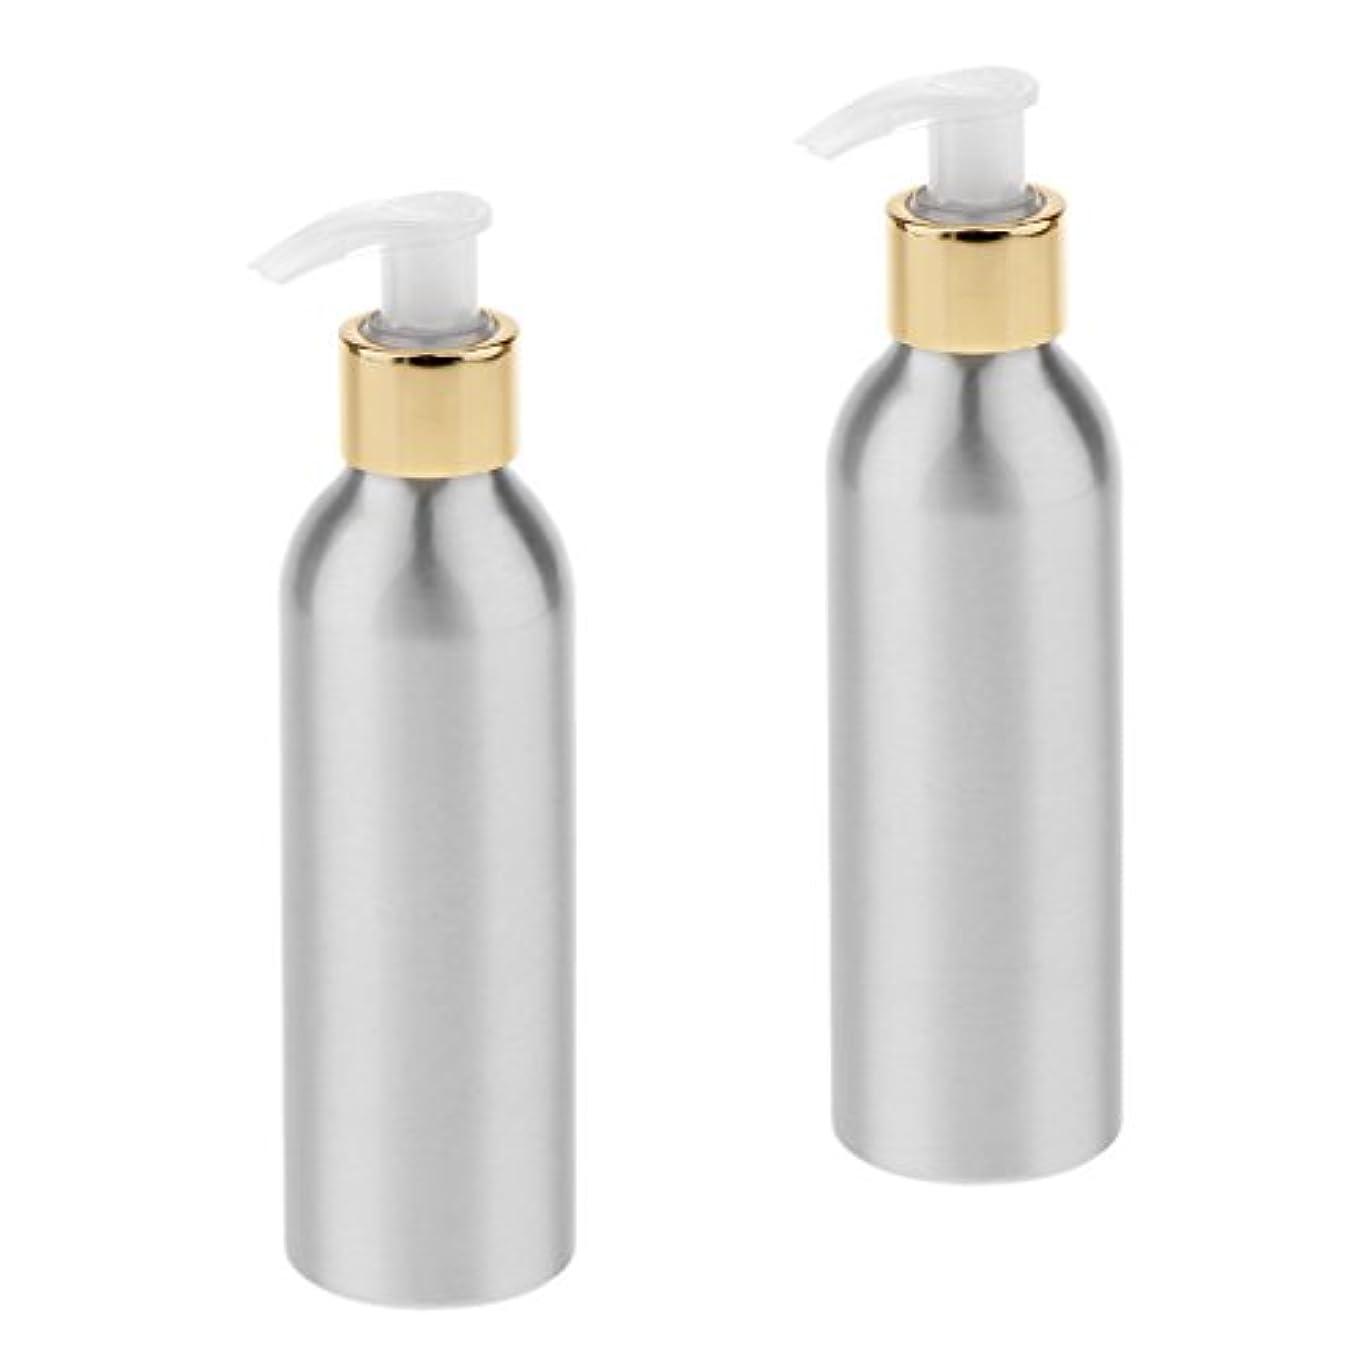 工業用賞賛行方不明Fenteer 2本 スプレーボトル ポンプボトル アルミボトル 香水ボトル シャンプー 噴霧器 アトマイザー 詰替え DIY 6サイズ選択 - 150m